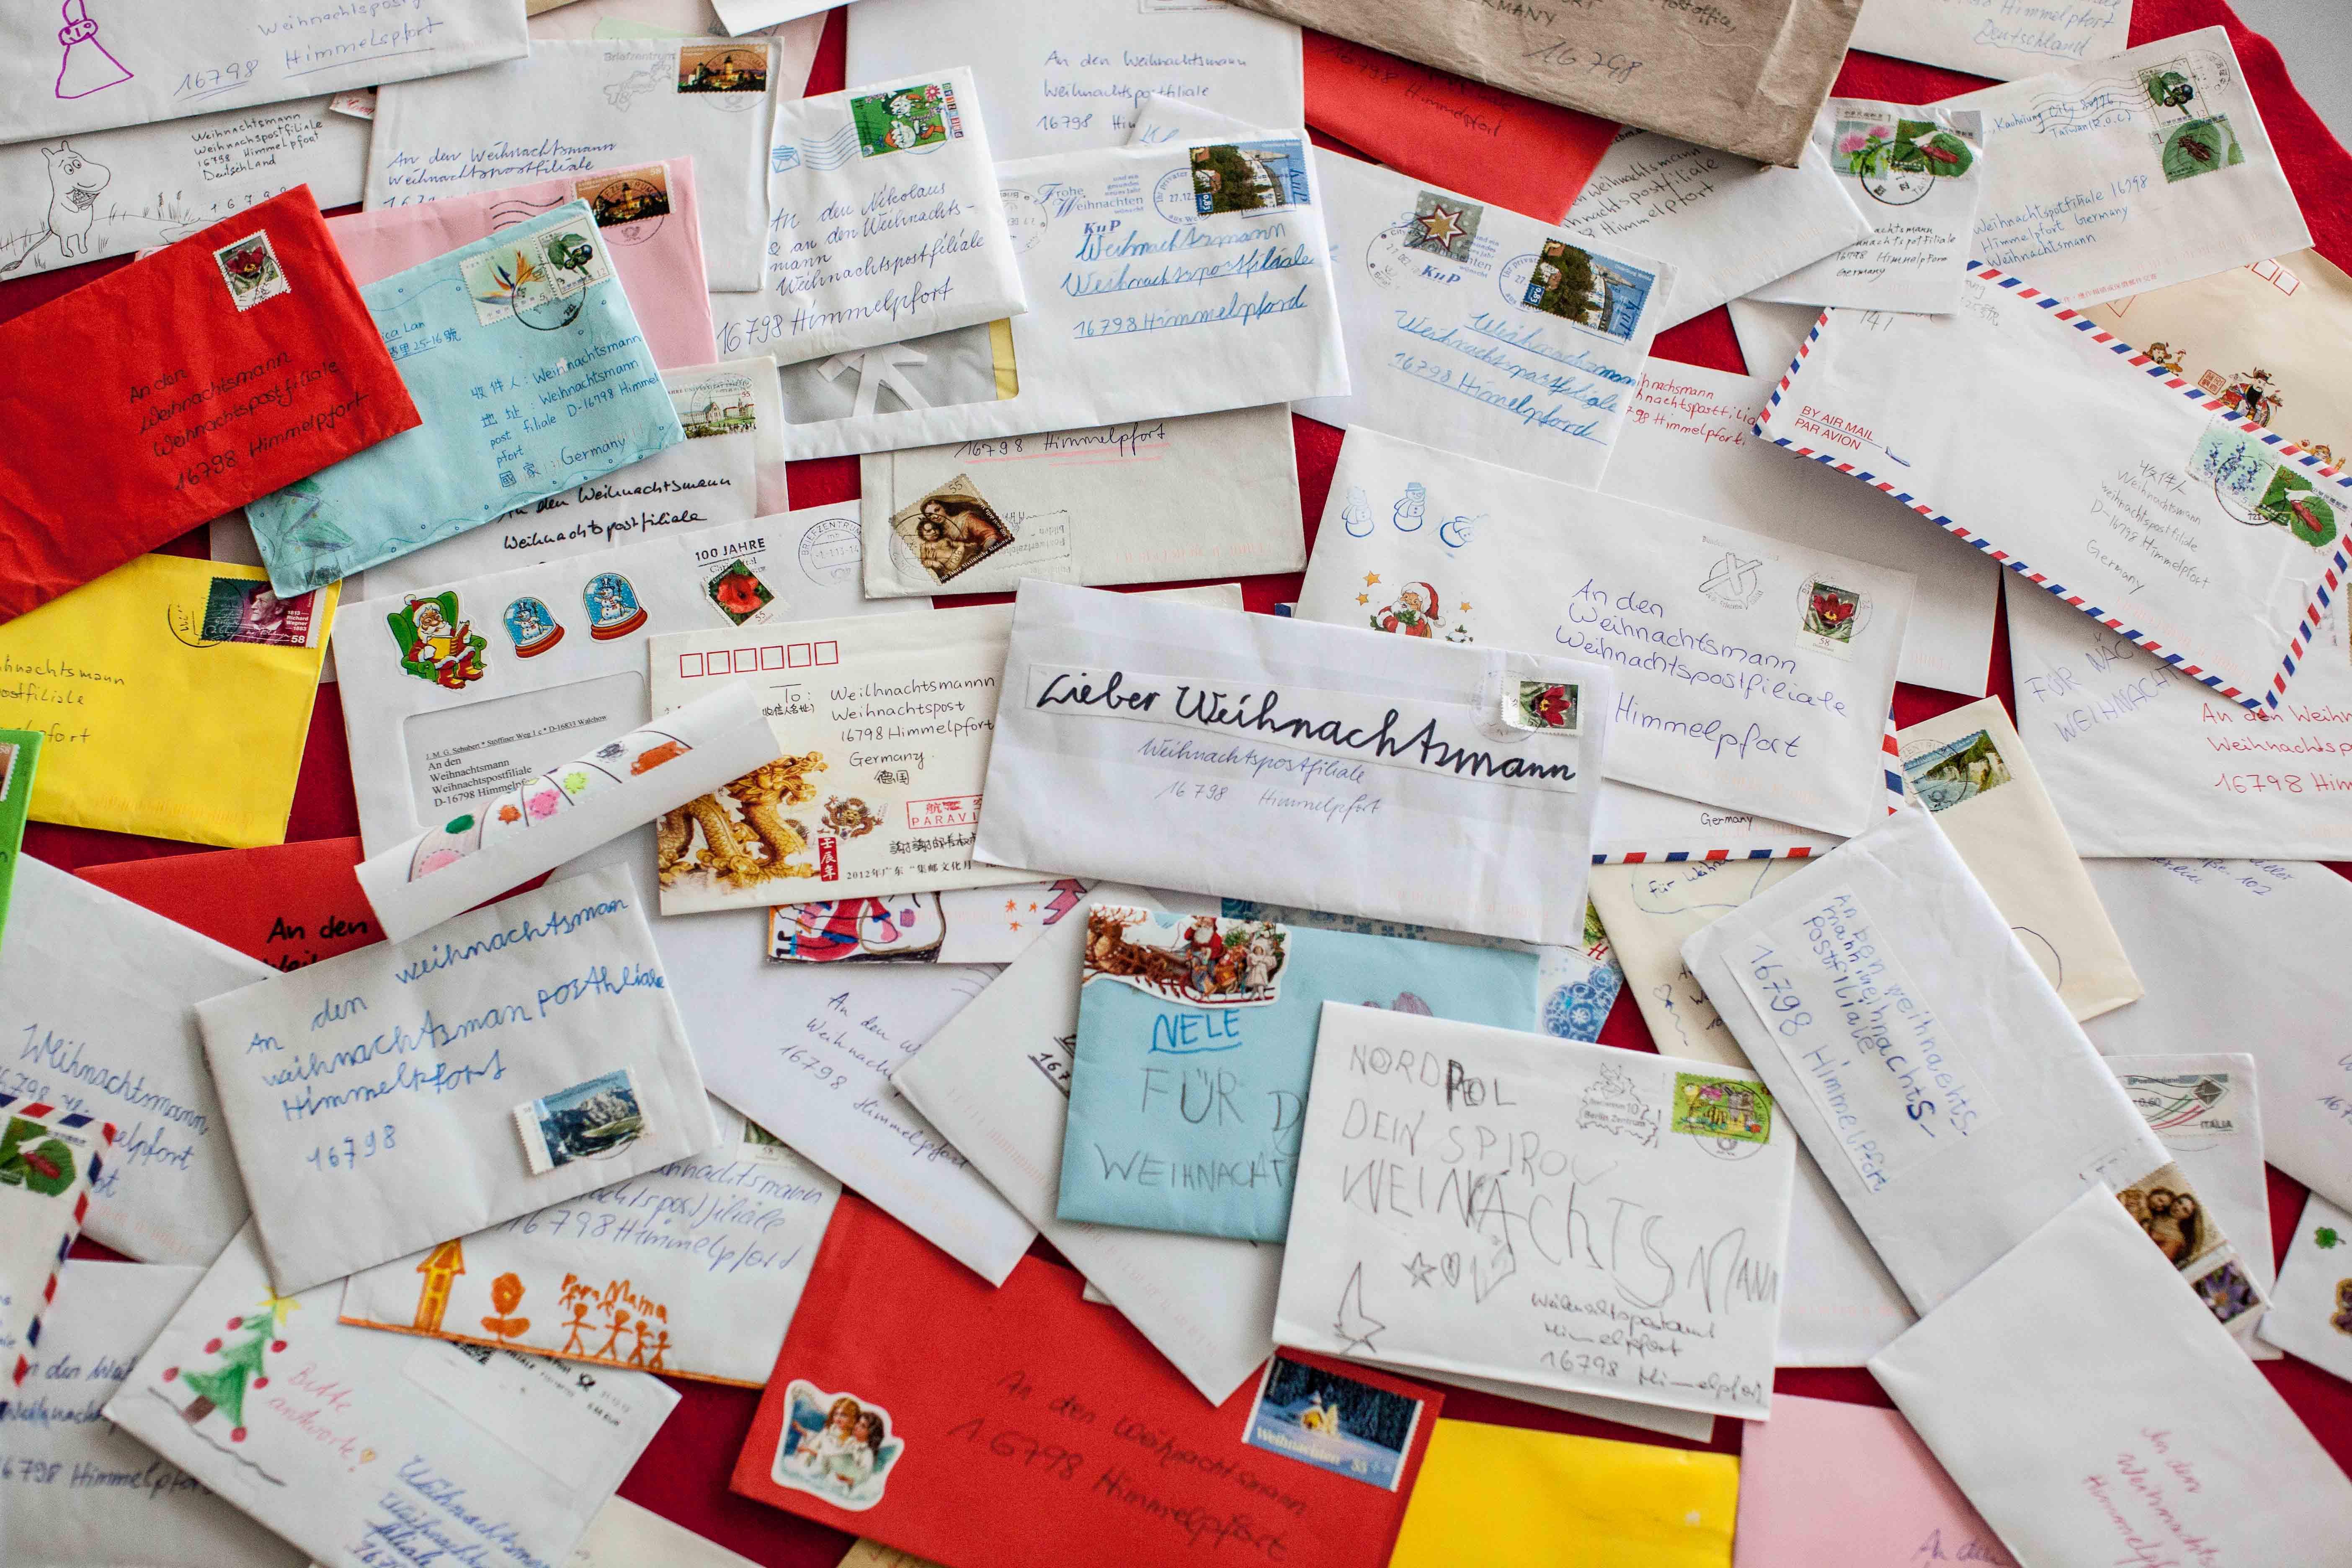 Briefe Weihnachtsmann Mönchengladbach